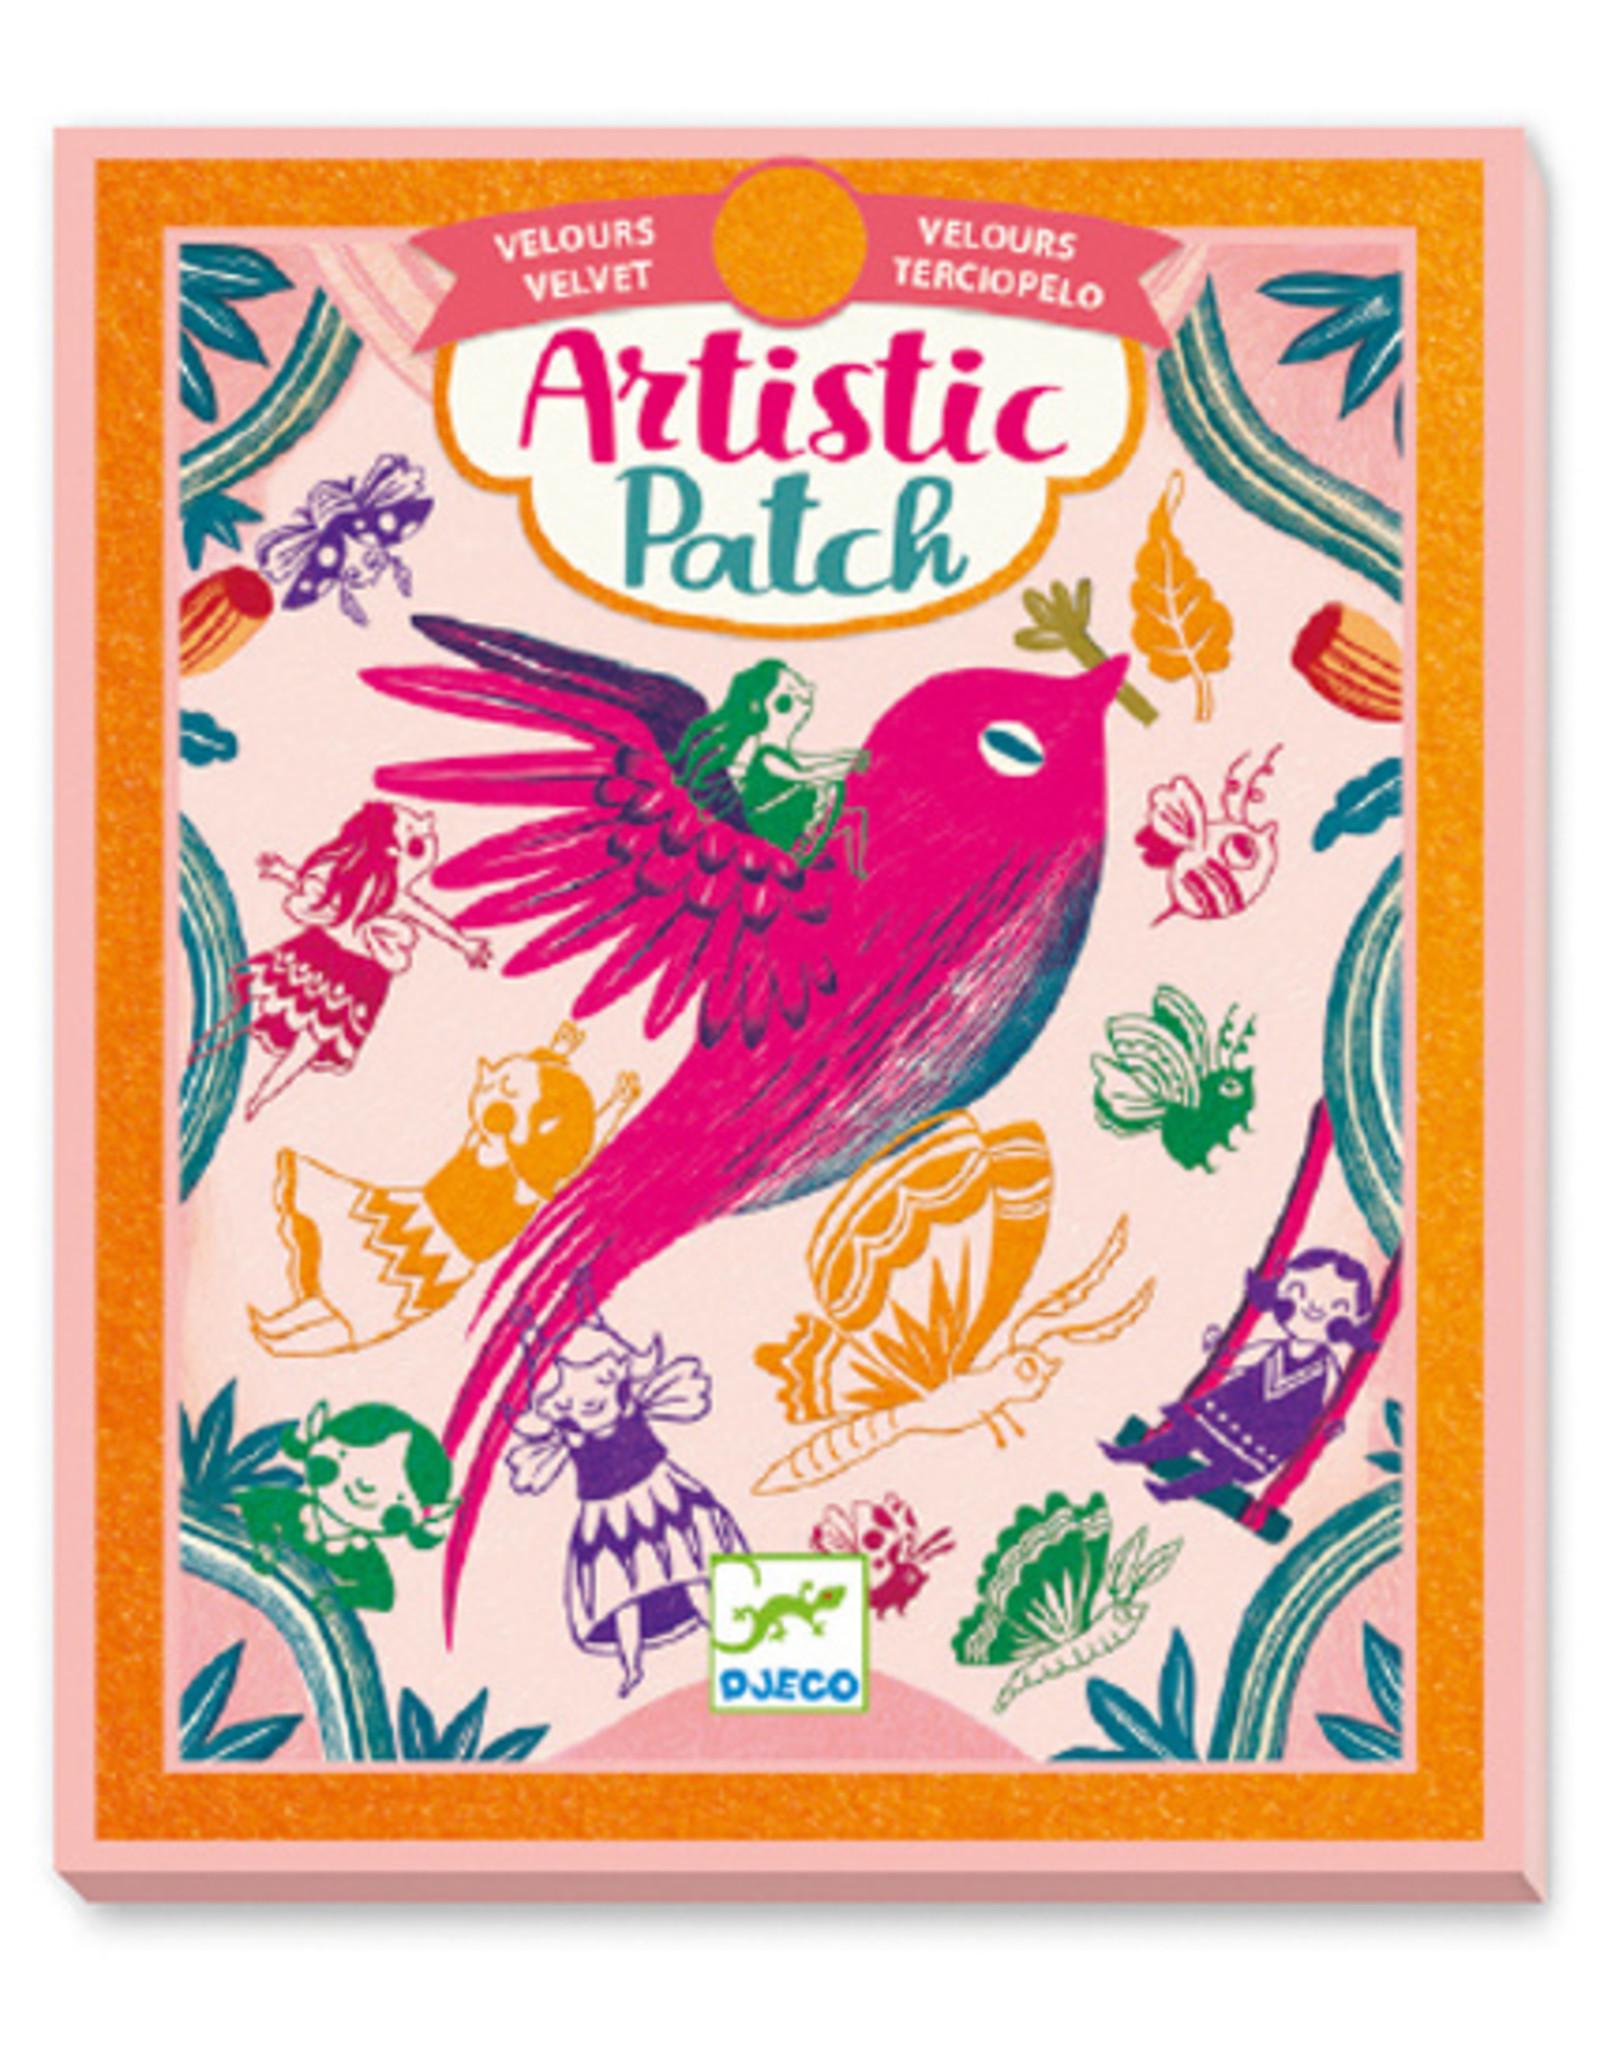 Djeco Artistic Patch Velvet - Recreation